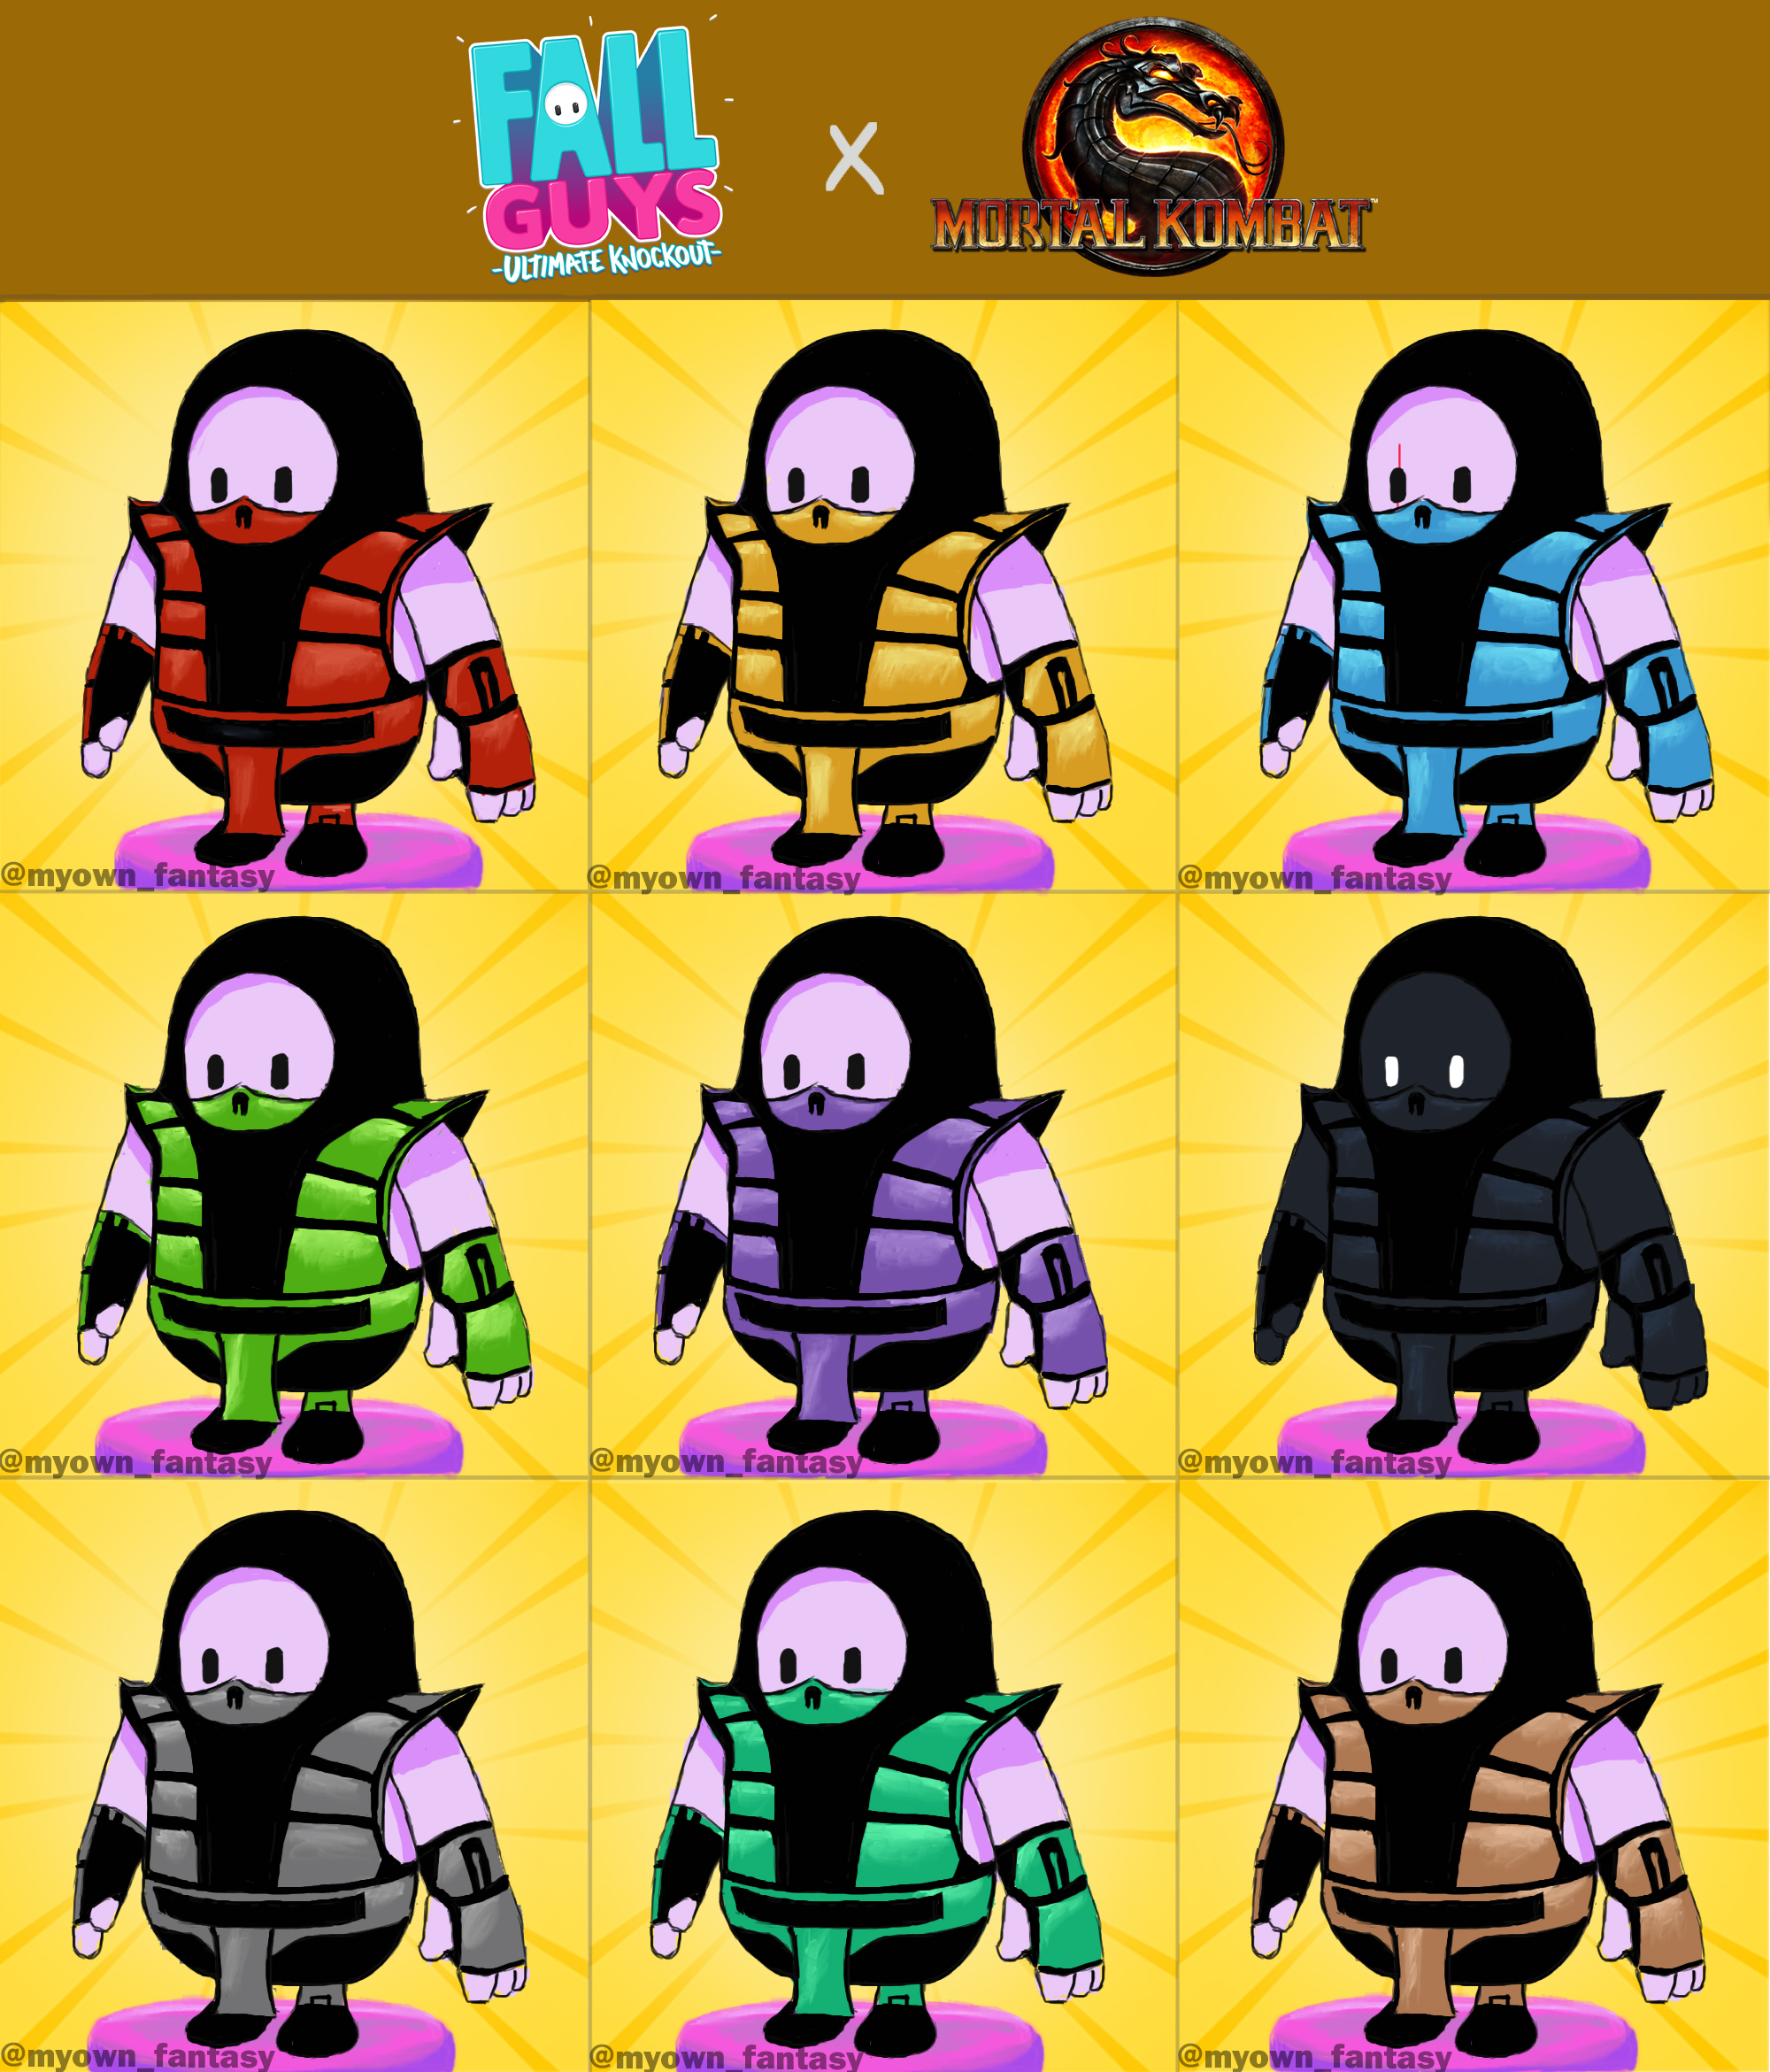 Персонажи Fall Guys в стиле бойцов Mortal Kombat / twitter.com/noobde